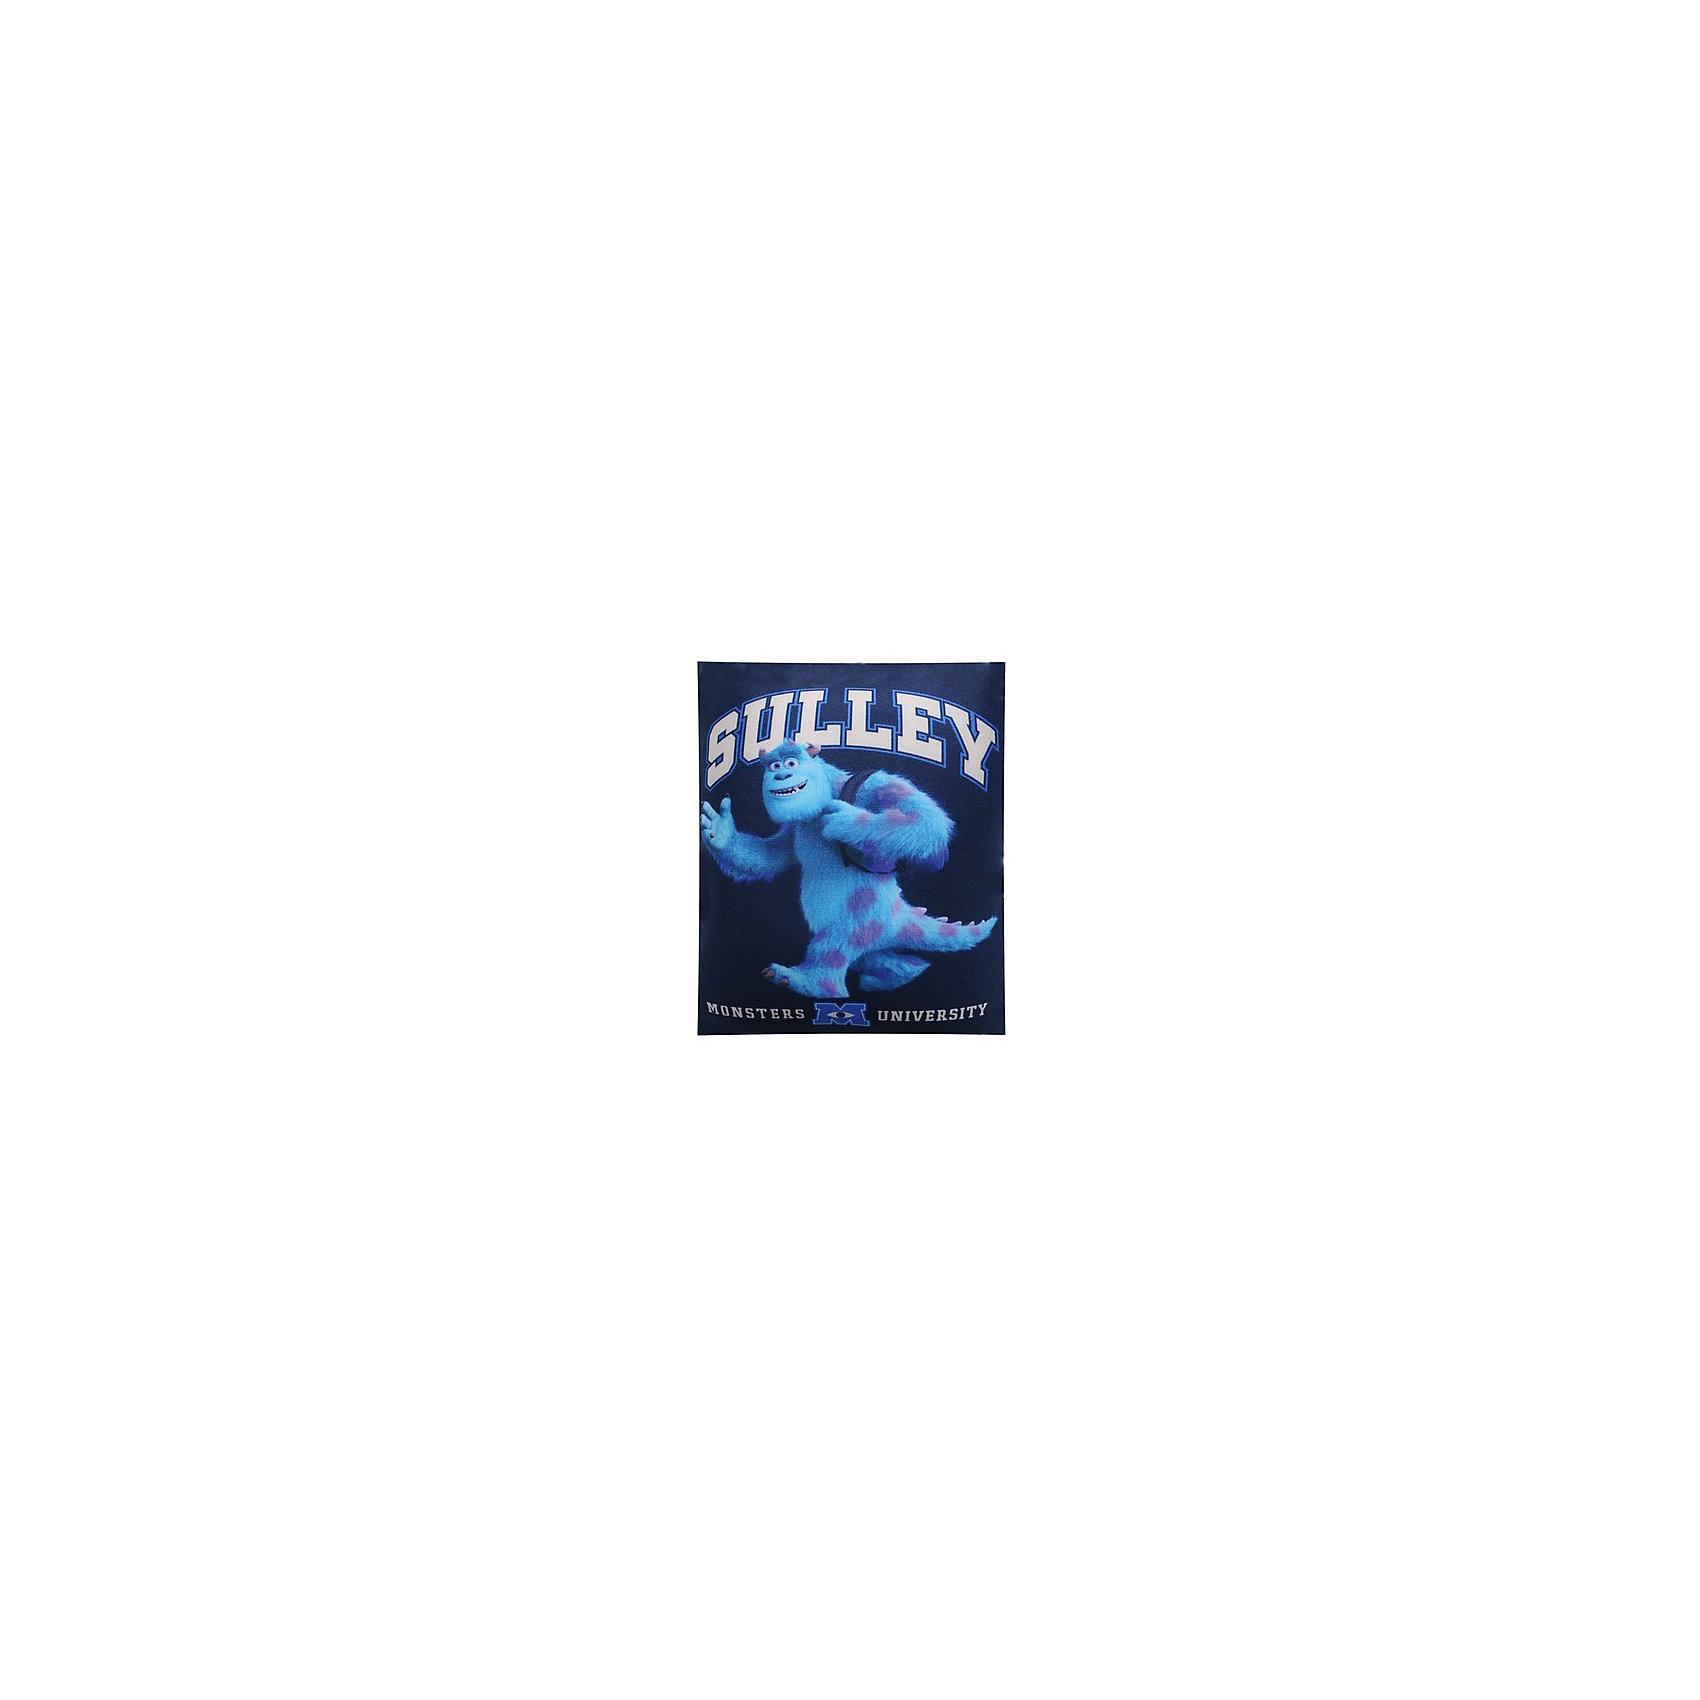 Подушка Салли 18*15 см, Университет монстровПодушка-антистресс Салли, Университет монстров, порадует и поднимет настроение как детям так и взрослым. Подушка с оригинальным дизайном украшена изображением забавного синего монстра Салли из популярного мультсериала Университет монстров (Monsters University). Основное достоинство подушки - это осязательный массаж с эффектом релаксации. Гладкая поверхность подушки выполнена из эластичного прочного трикотажа, а внутри находятся мельчайшие гранулы полистирола, благодаря которым<br>она всегда будет легкой, упругой и приятной на ощупь. Подушку можно мять и сжимать, но она неизменно возвращает себе первоначальную форму. Можно стирать в стиральной машинке в специальном мешке для одежды. <br><br>Дополнительная информация:<br><br>- Материал: внешний материал: эластичный прочный трикотаж, наполнитель: полистирол.<br>- Размер подушки: 7 х 15 х 18 см.<br>- Вес: 200 г.<br><br>Ширина мм: 70<br>Глубина мм: 150<br>Высота мм: 180<br>Вес г: 200<br>Возраст от месяцев: 36<br>Возраст до месяцев: 192<br>Пол: Унисекс<br>Возраст: Детский<br>SKU: 3996238